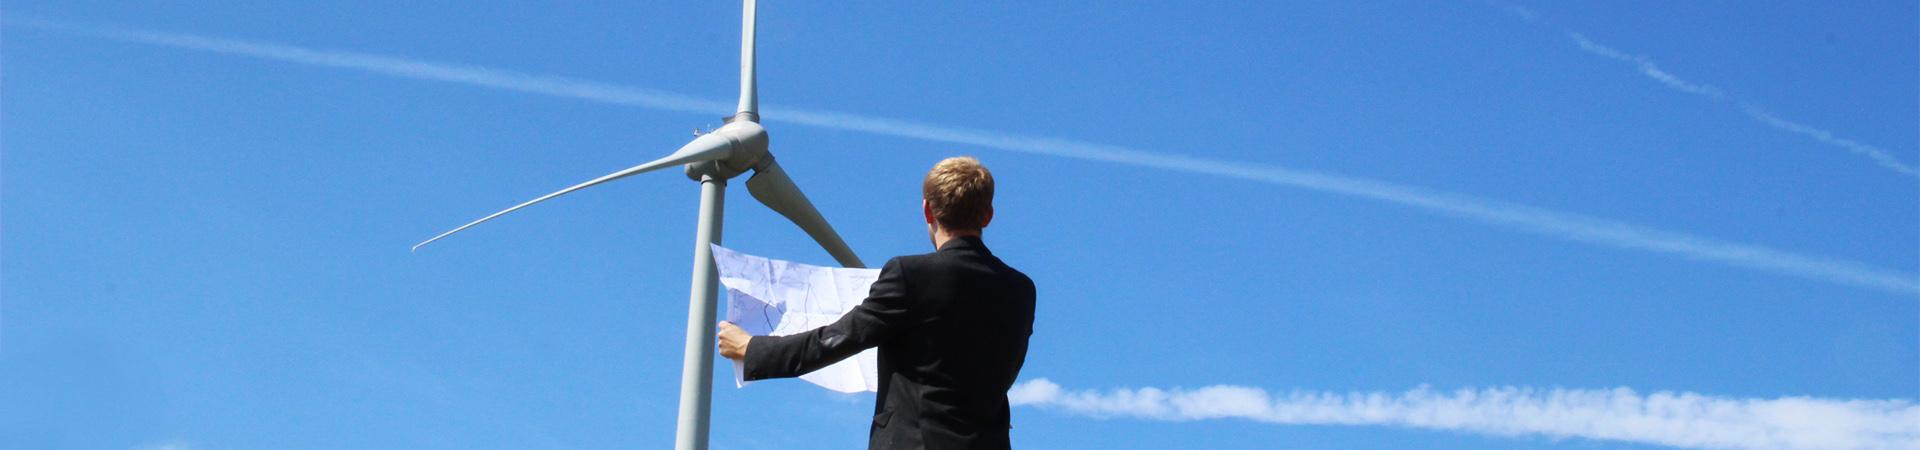 SL Windenergie Projektentwicklung